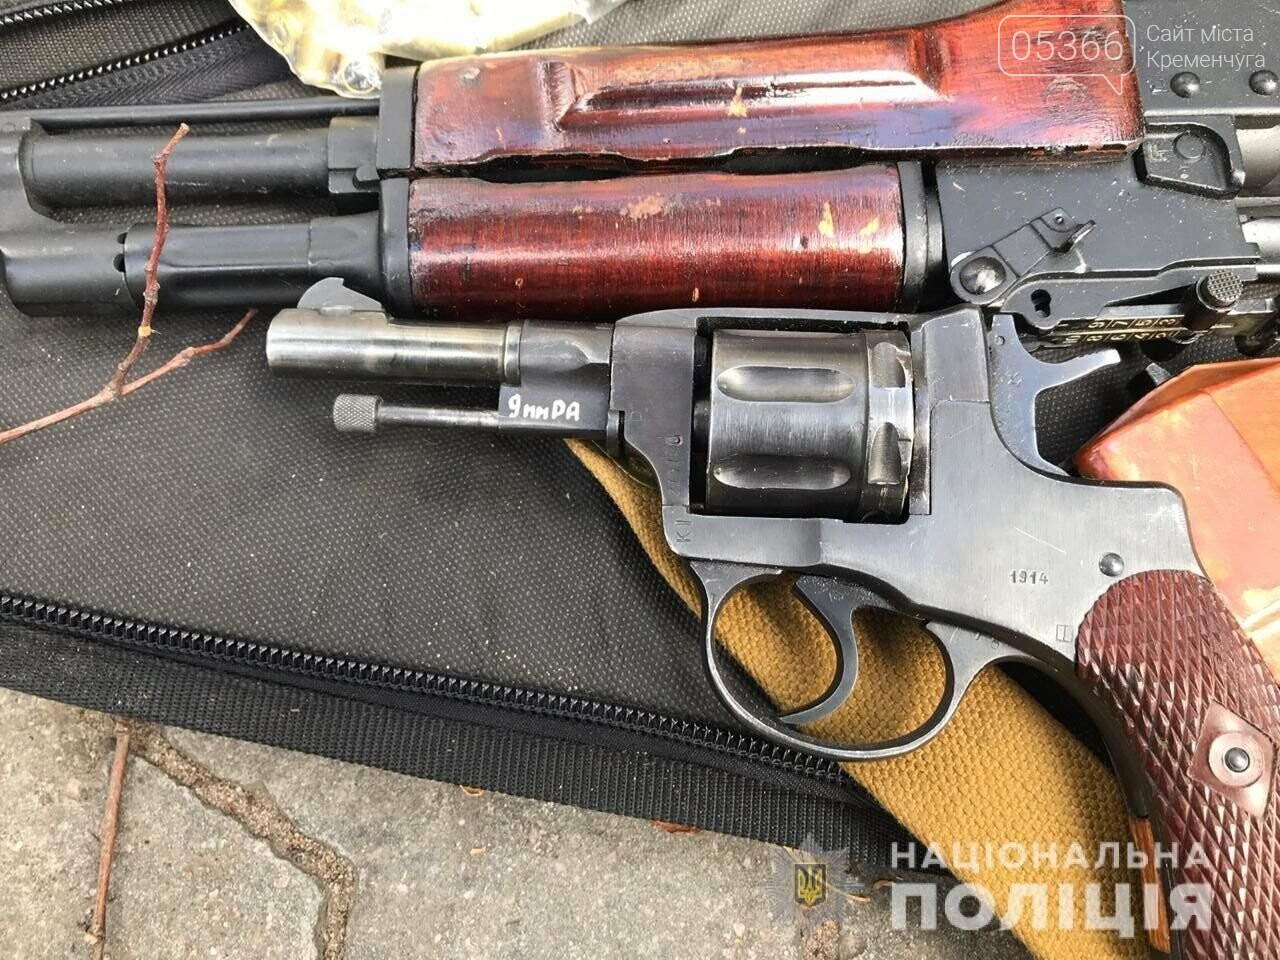 """Відео затримання мафіозі """"Самвела Донецького"""" в Полтаві. Його банда вбивала людей """"на замовлення"""", фото-1"""